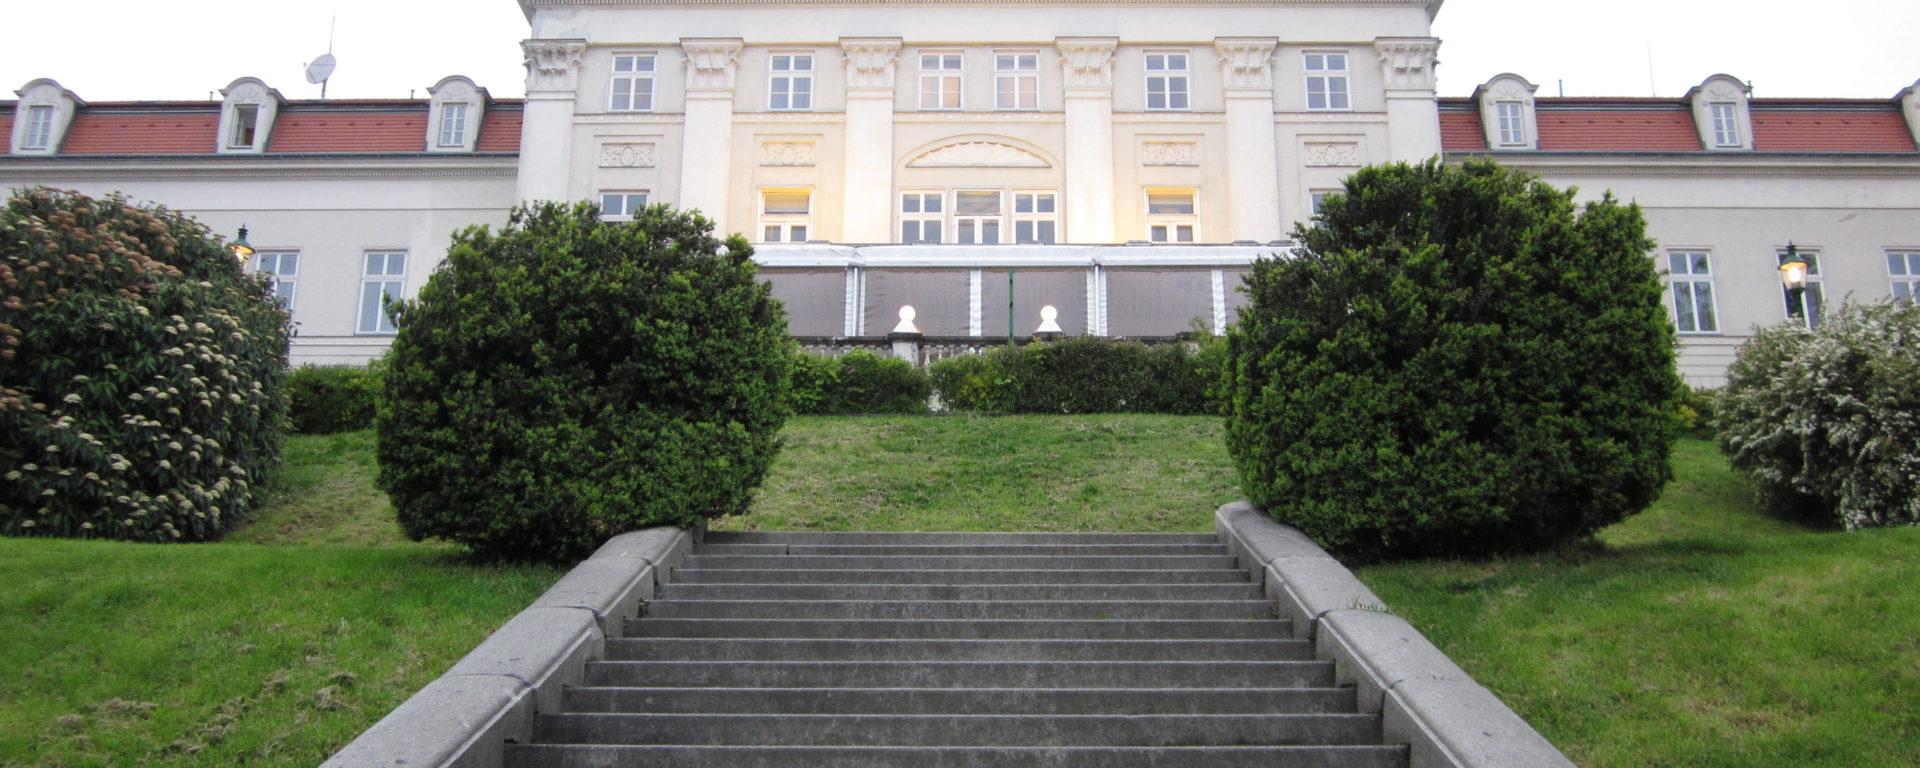 wien schloss wilhelminenberg austria trend hotel österreich jean above the clouds